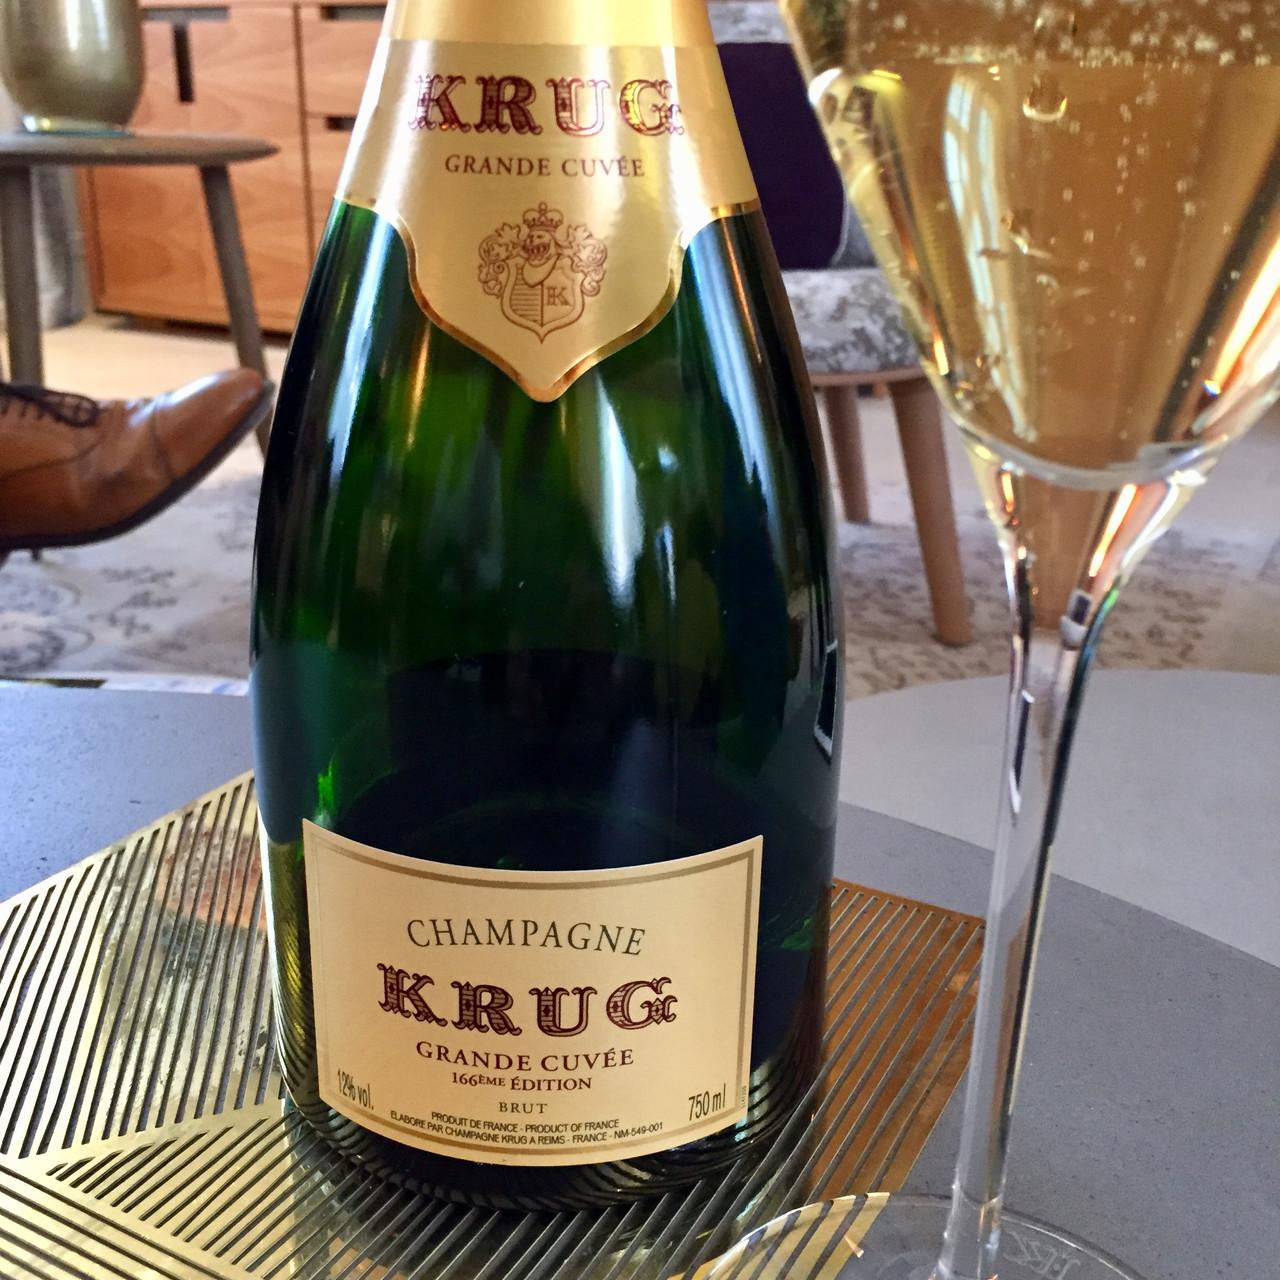 Krug Grande Cuvée 166th Edition and Krug Rosé 21st Edition Champagnes